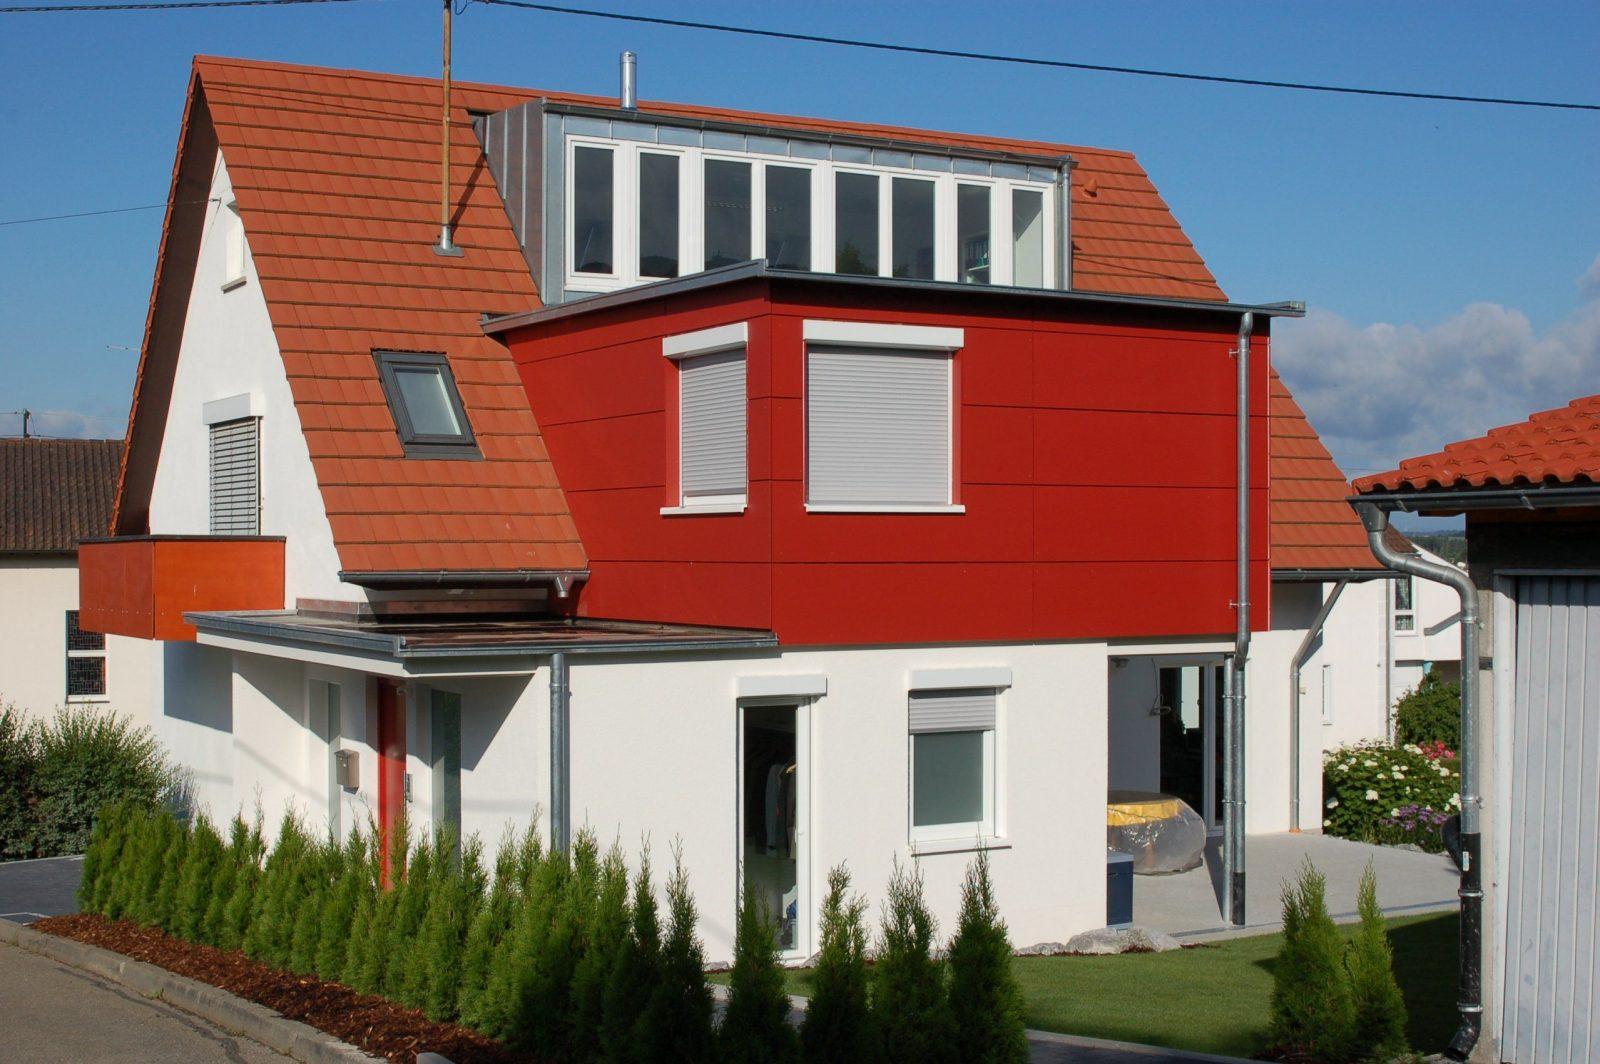 Kostenloser Energiecheck Bei Holzbau Hauser Gmbh + Co Kg  78549 von Haus Aufstocken Vorher Nachher Bild